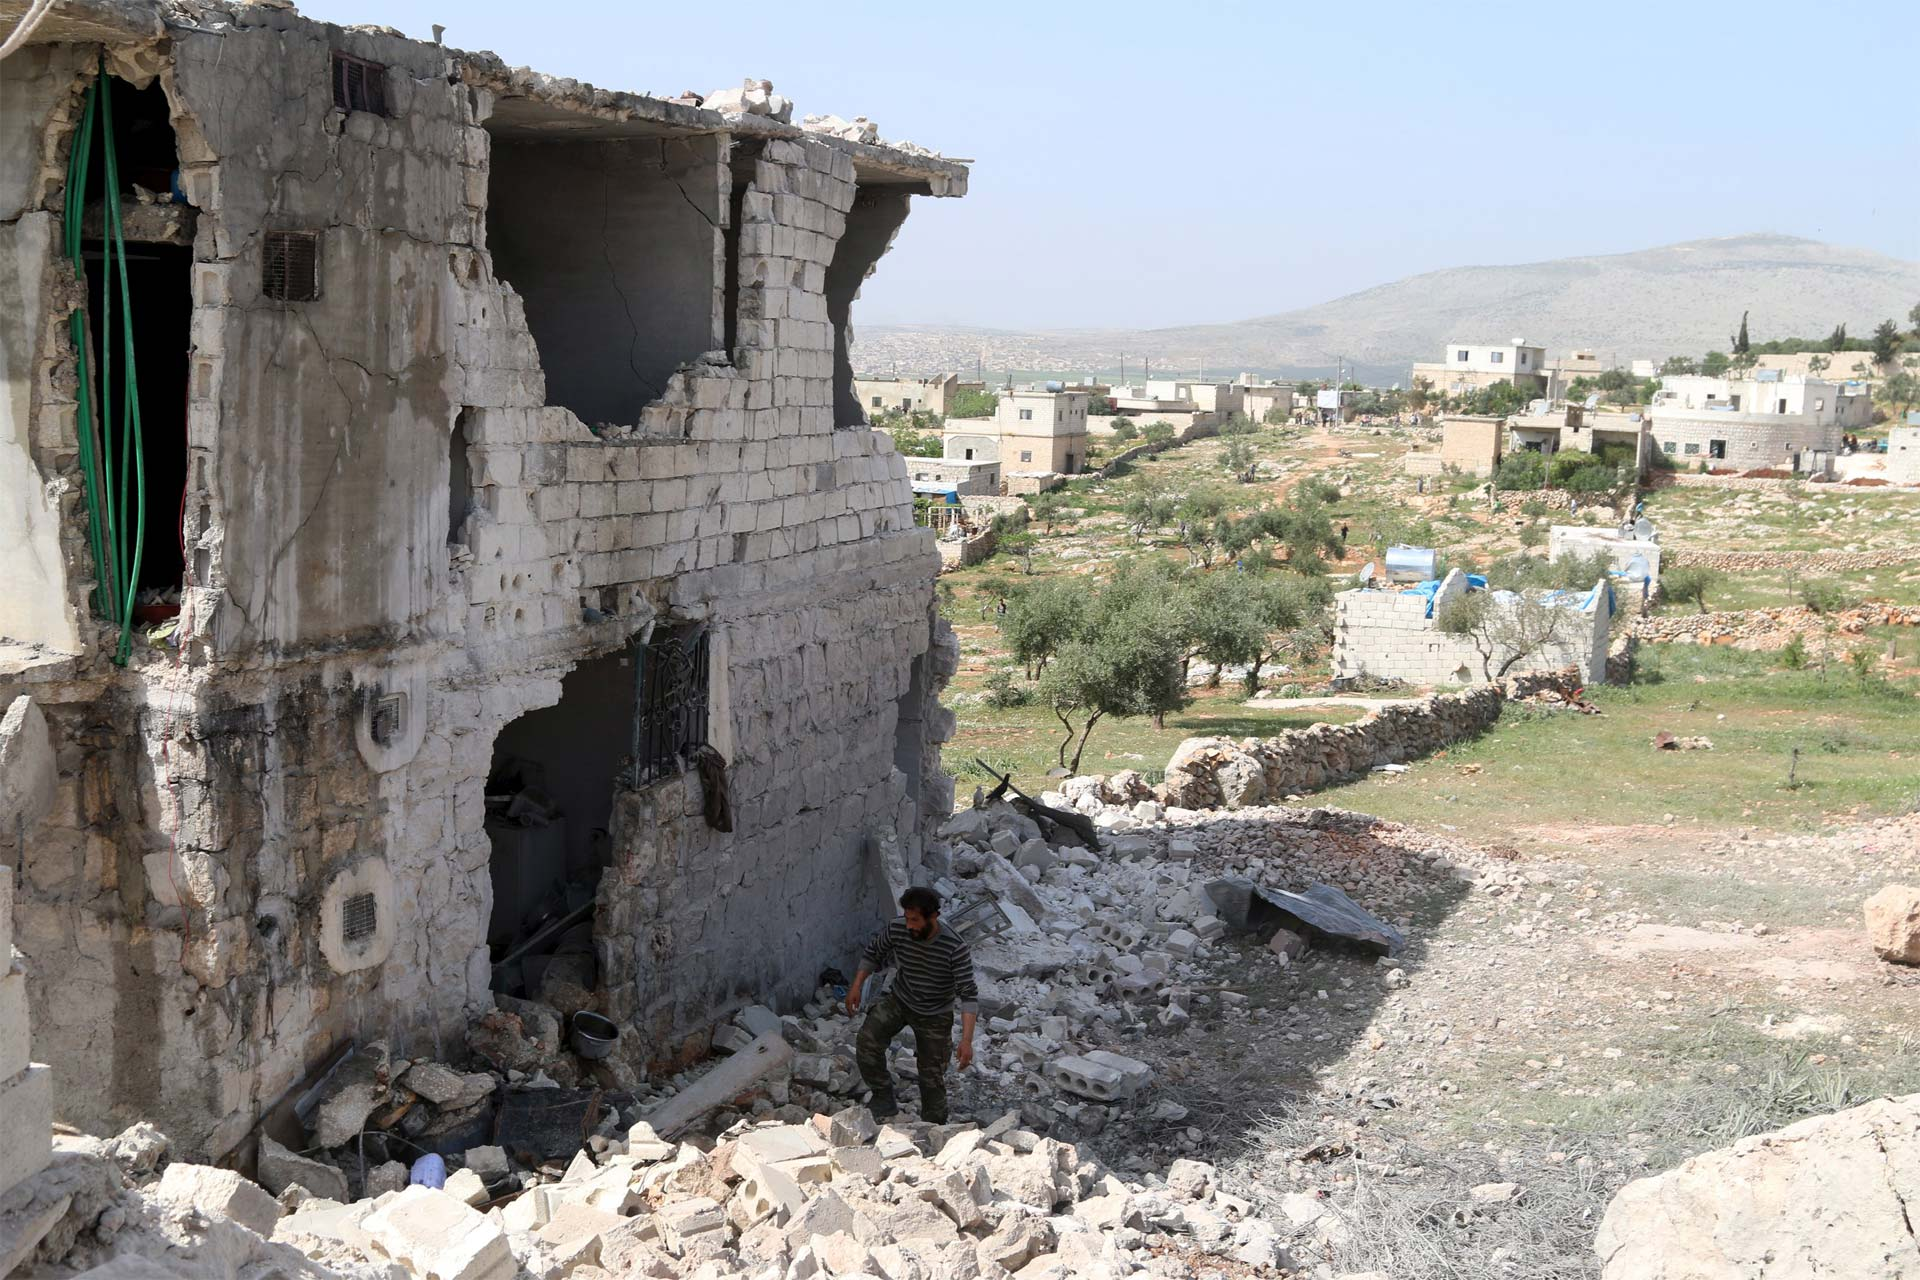 Durante toda esta semana han fallecido 17 personas en Afganistán debido a estos ataques